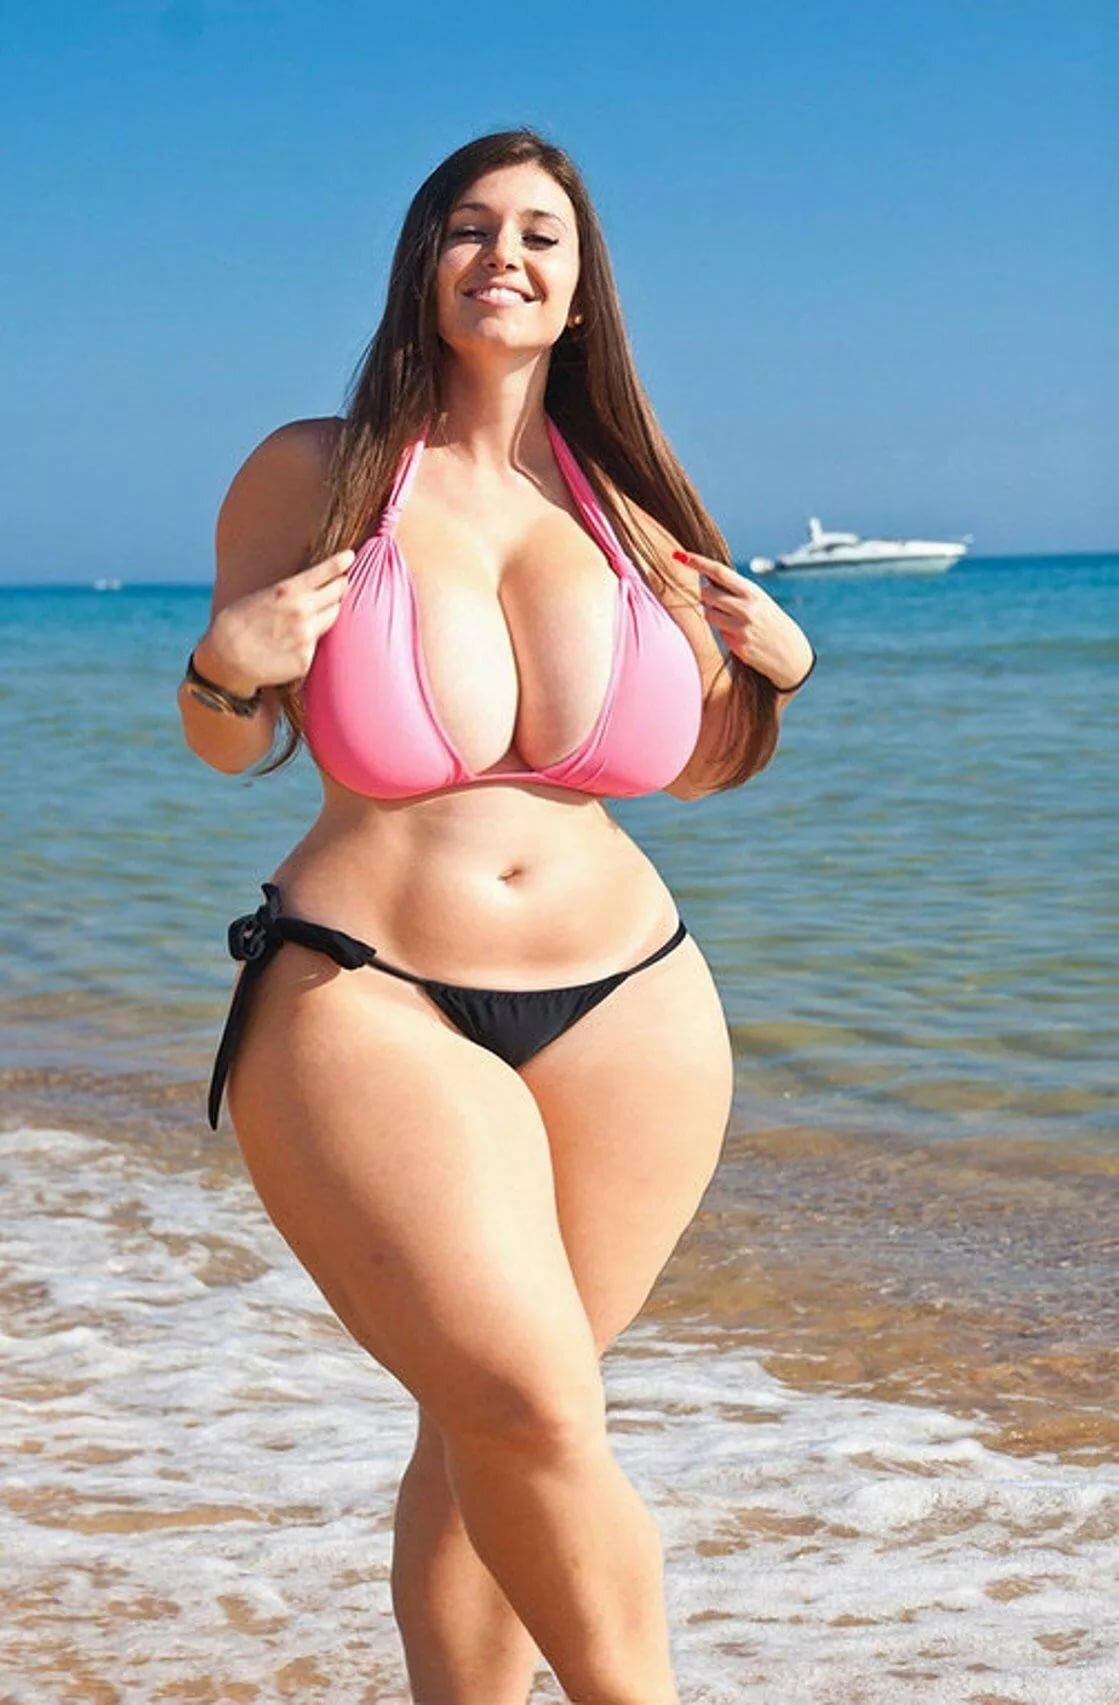 Big boob girl thick, amanda dubay naked